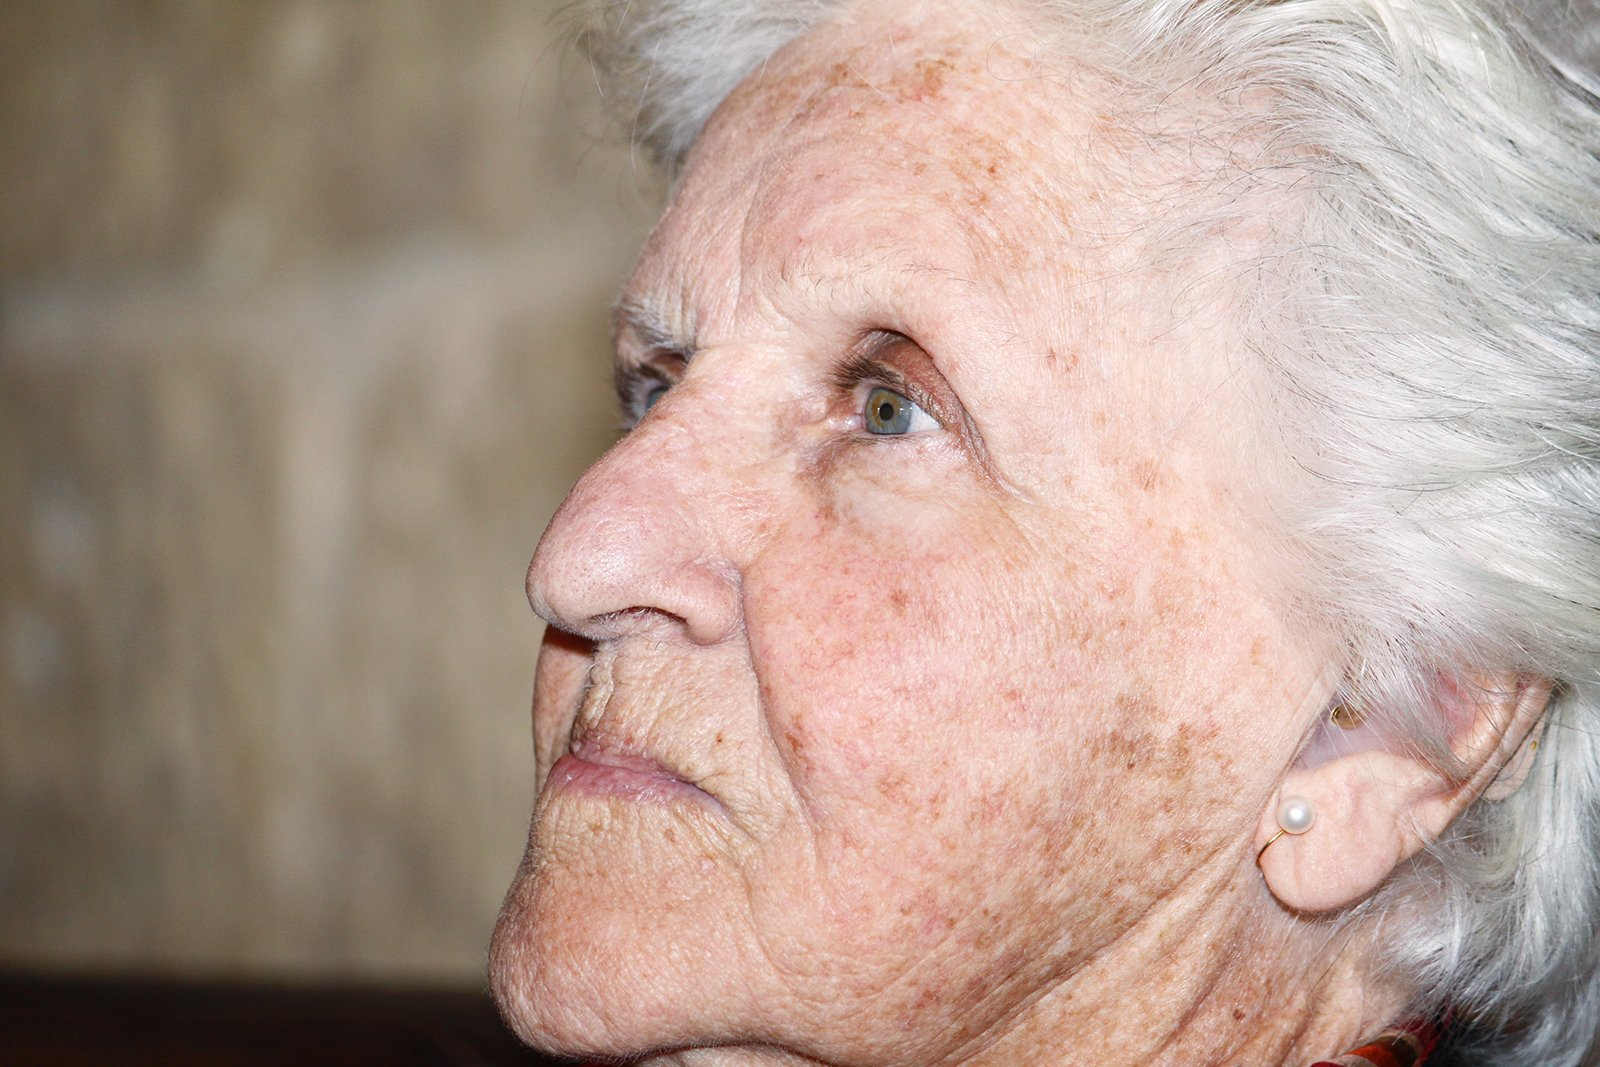 Как избавиться от старческих пигментных пятен на лице